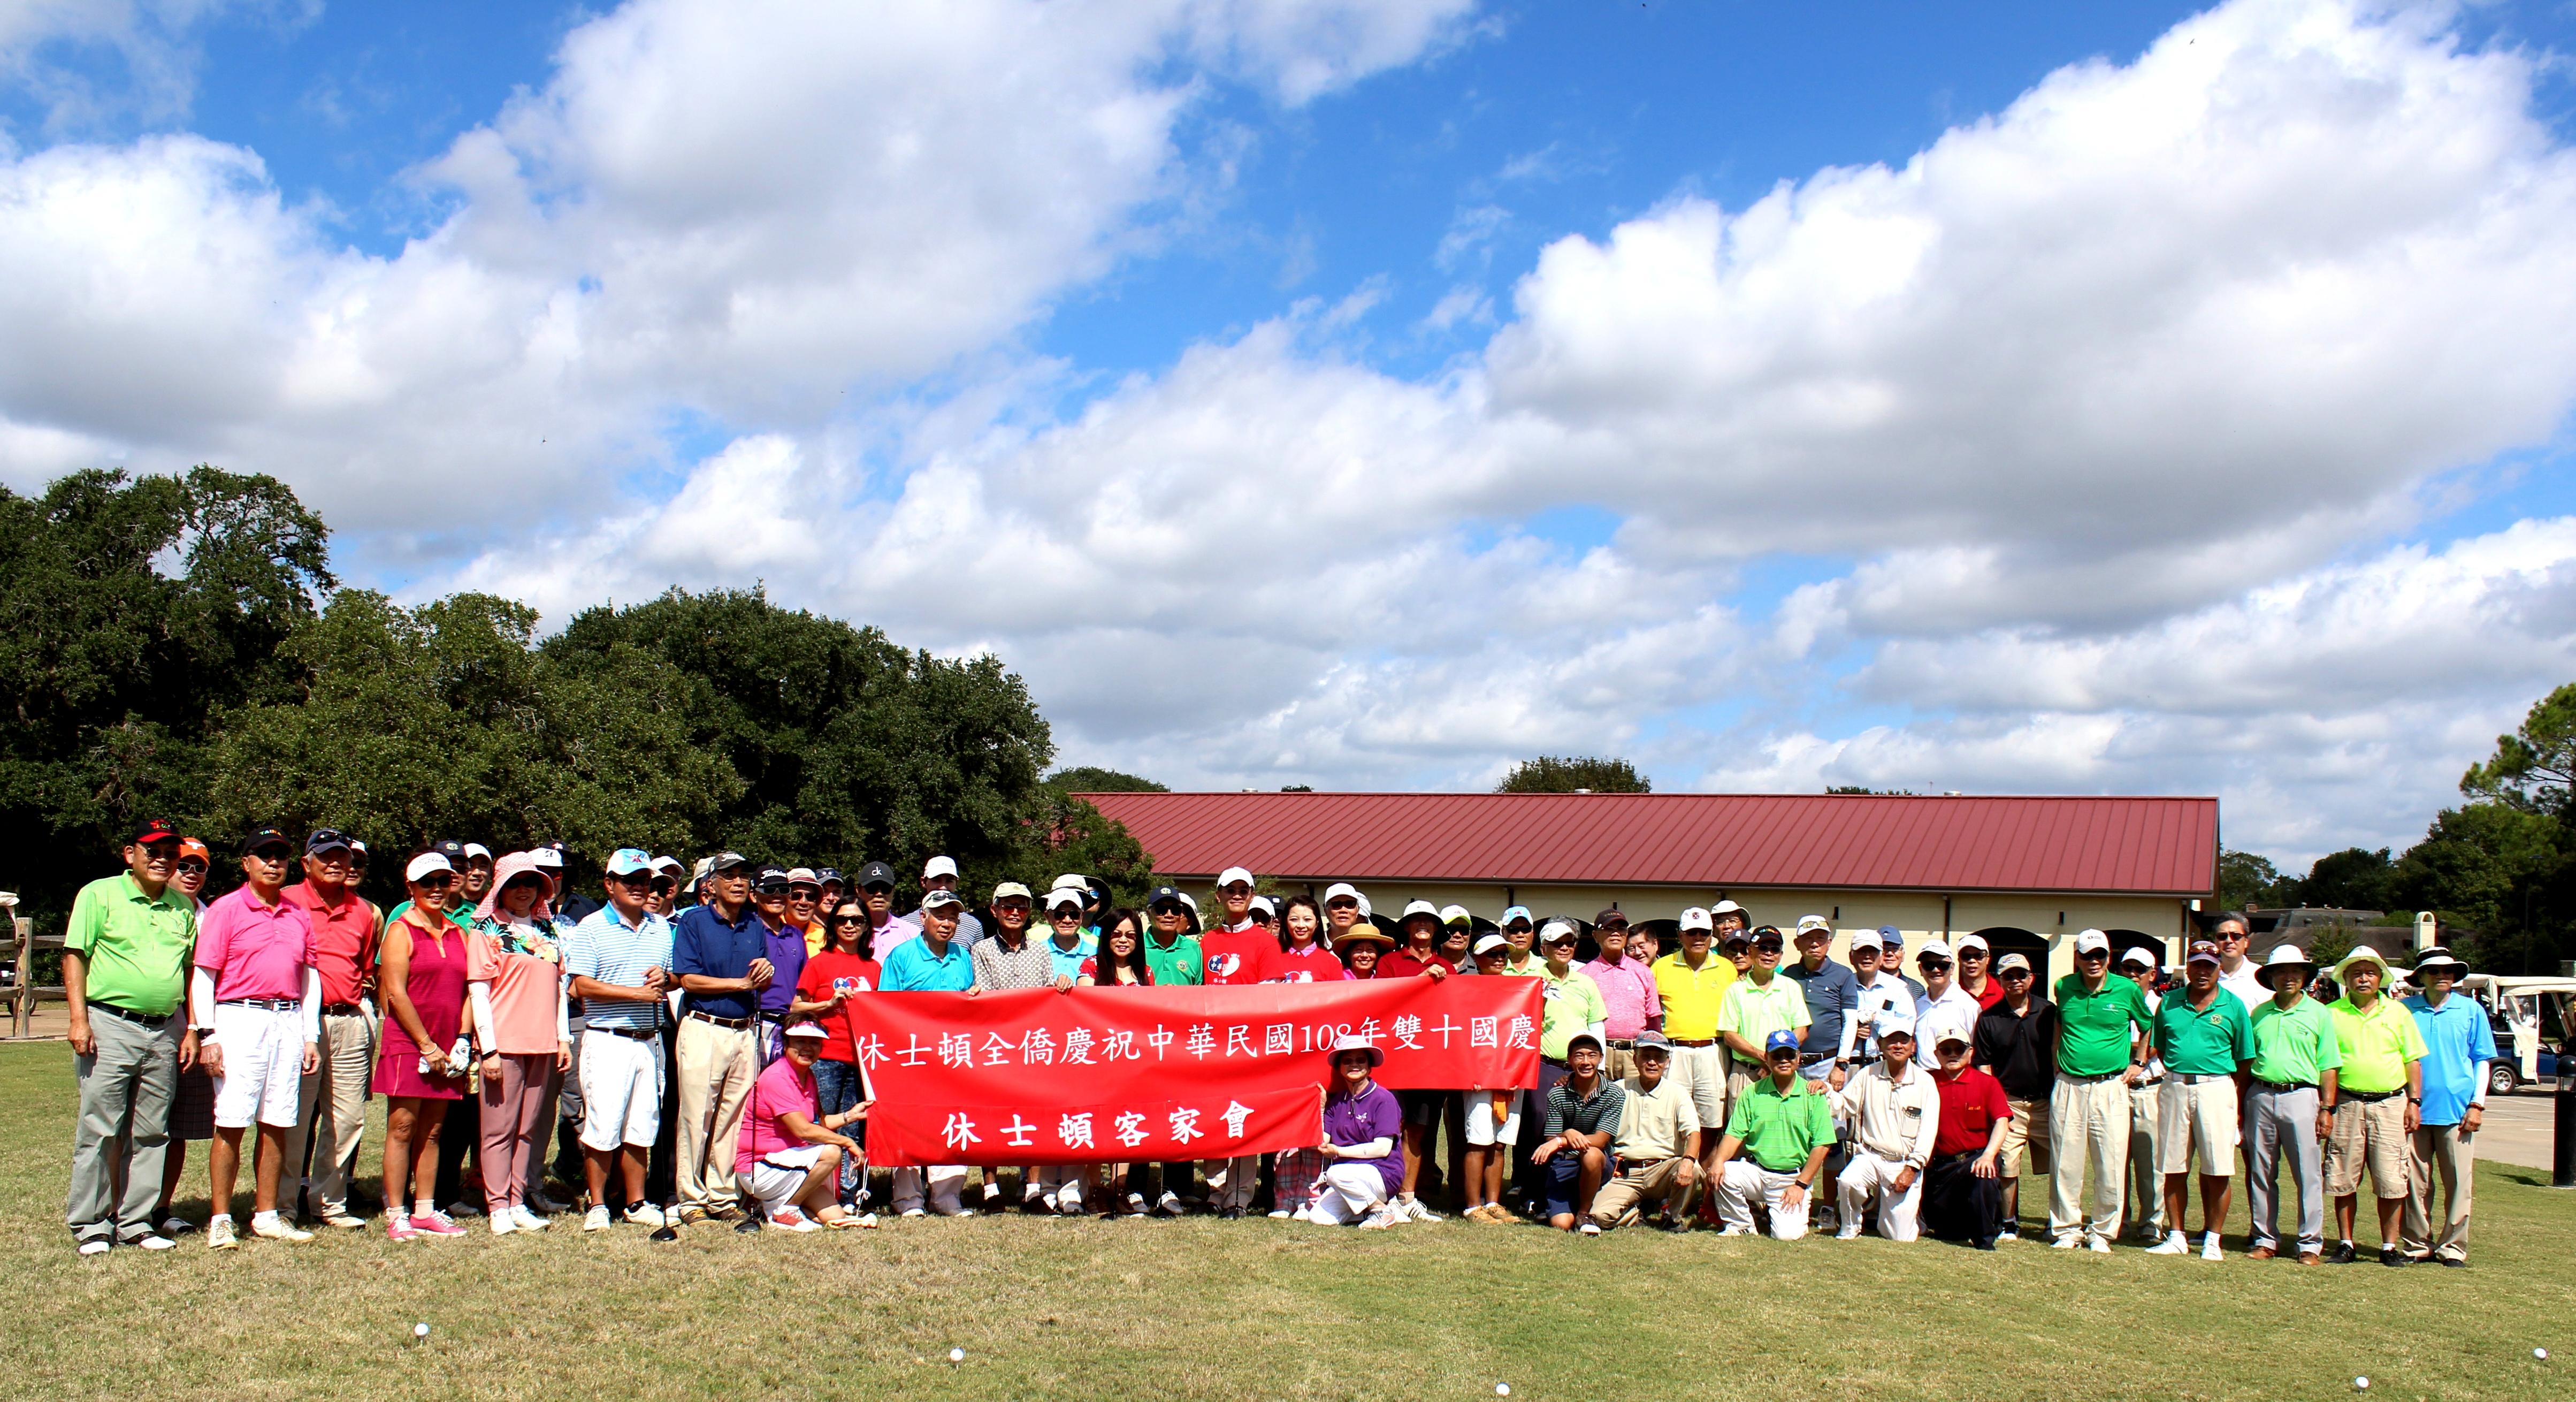 108年休士頓國慶盃高爾夫球賽大合影。(記者盧淑君/攝影)